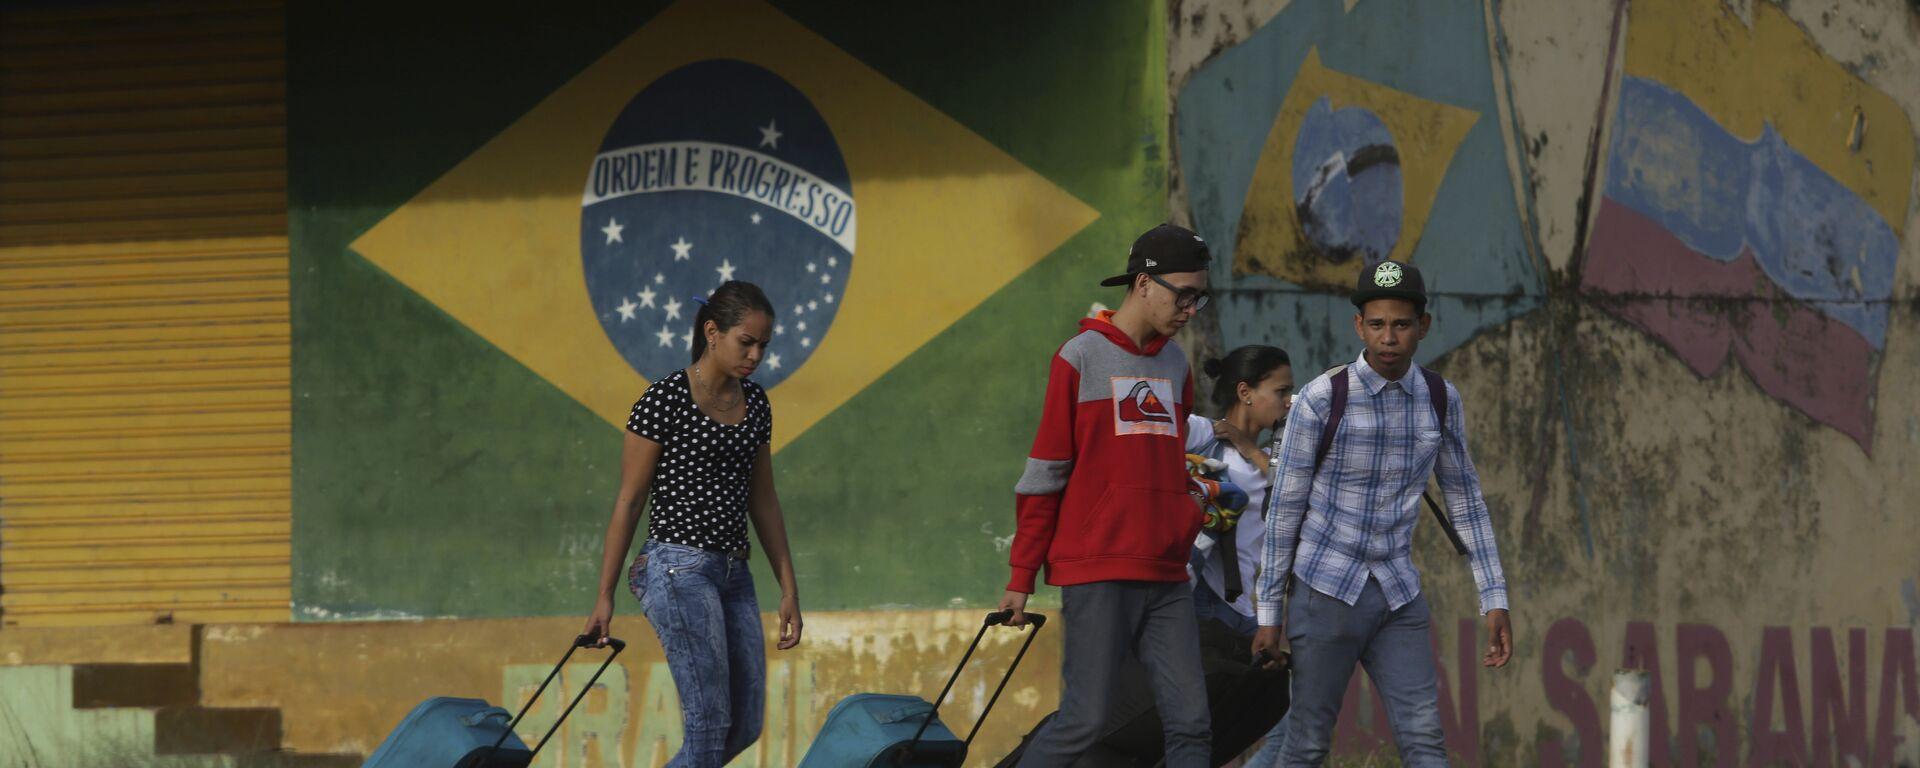 Migrantes venezolanos en el estado de Roraima, Brasil - Sputnik Mundo, 1920, 12.08.2021